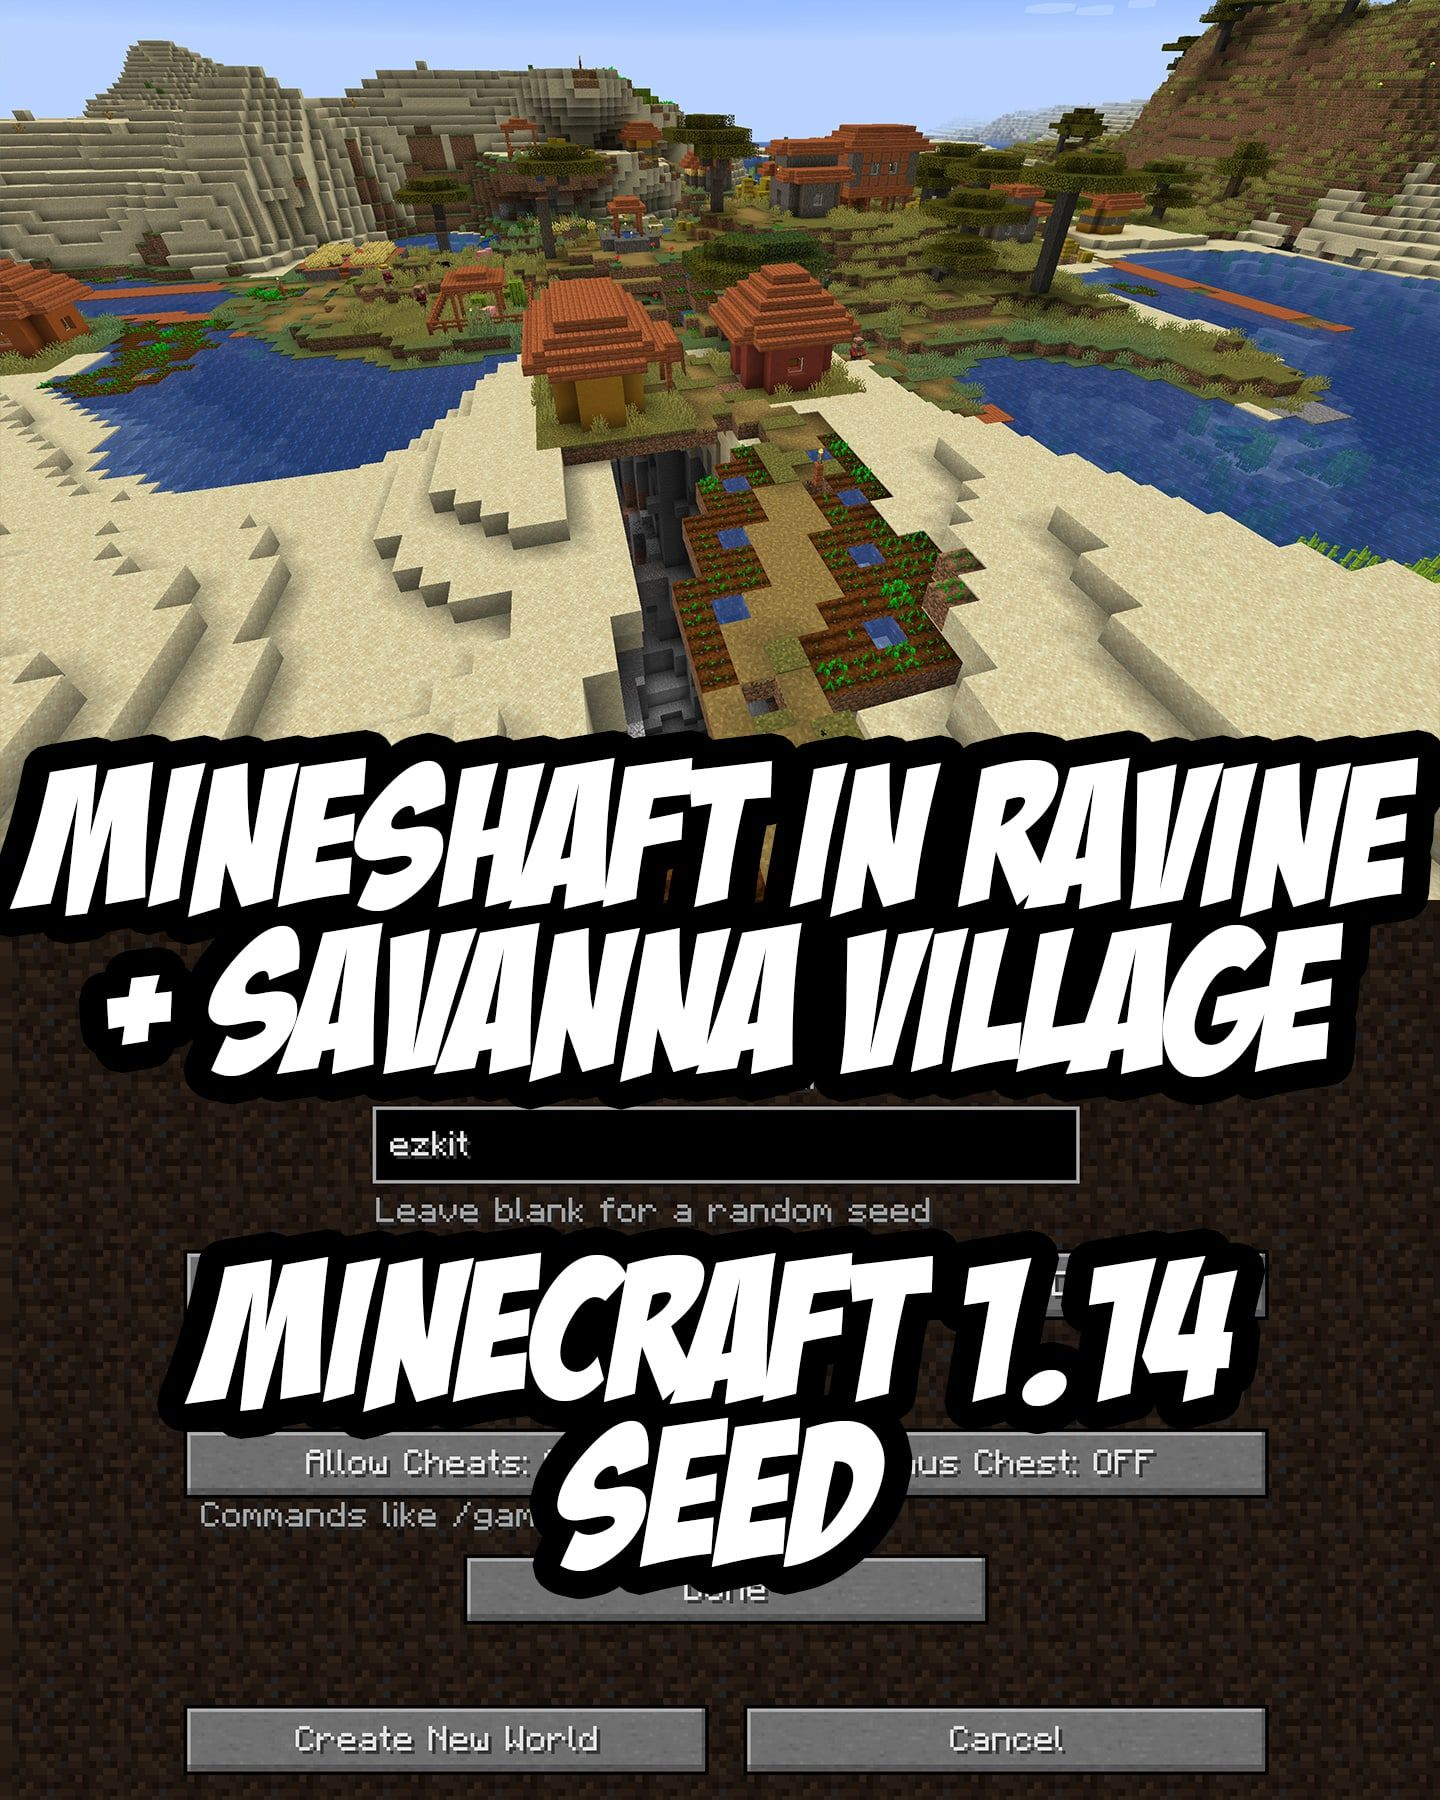 Minecraft 1 14 Abandoned Mineshaft Seed Ezkit 97016321 Minecraft Seed Minecraft Minecraft Blueprints